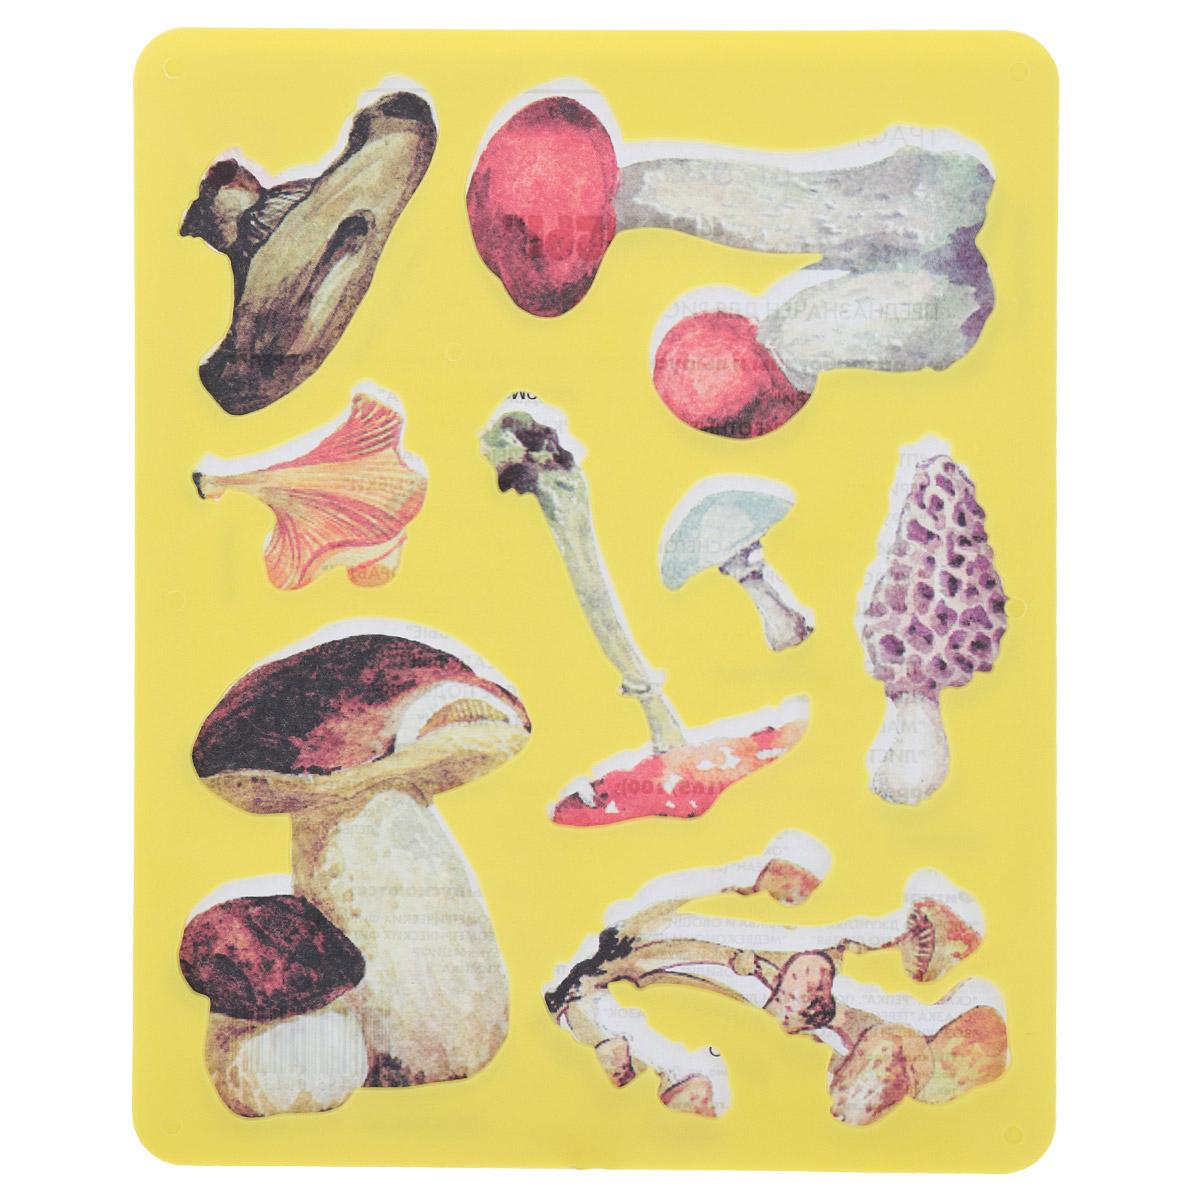 Трафарет прорезной Луч Грибы9С 450-08Трафарет Луч Грибы, выполненный из безопасного пластика, предназначен для детского творчества. По трафарету маленький художник сможет нарисовать грибы, а также ознакомиться с их видами: подосиновик, сморчок, опята, мухомор, белый гриб, лисичка, черный груздь. Для этого необходимо положить трафарет на лист бумаги, обвести фигуру по контуру и раскрасить по своему вкусу или глядя на цветную картинку-образец. Трафареты предназначены для развития у детей мелкой моторики и зрительно-двигательной координации, навыков художественной композиции и зрительного восприятия.